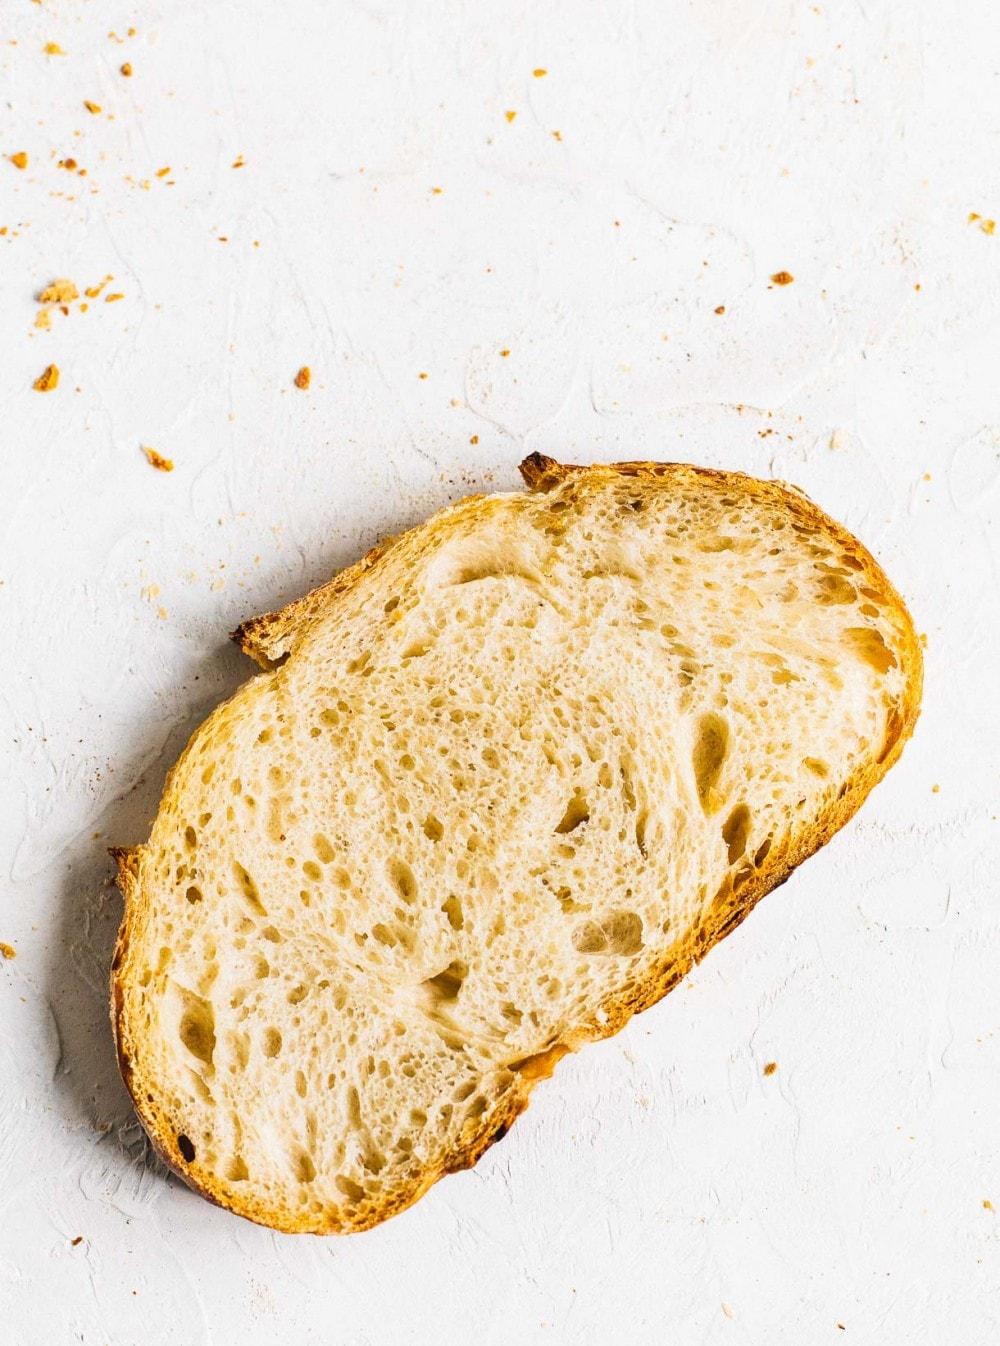 single slice of sourdough bread